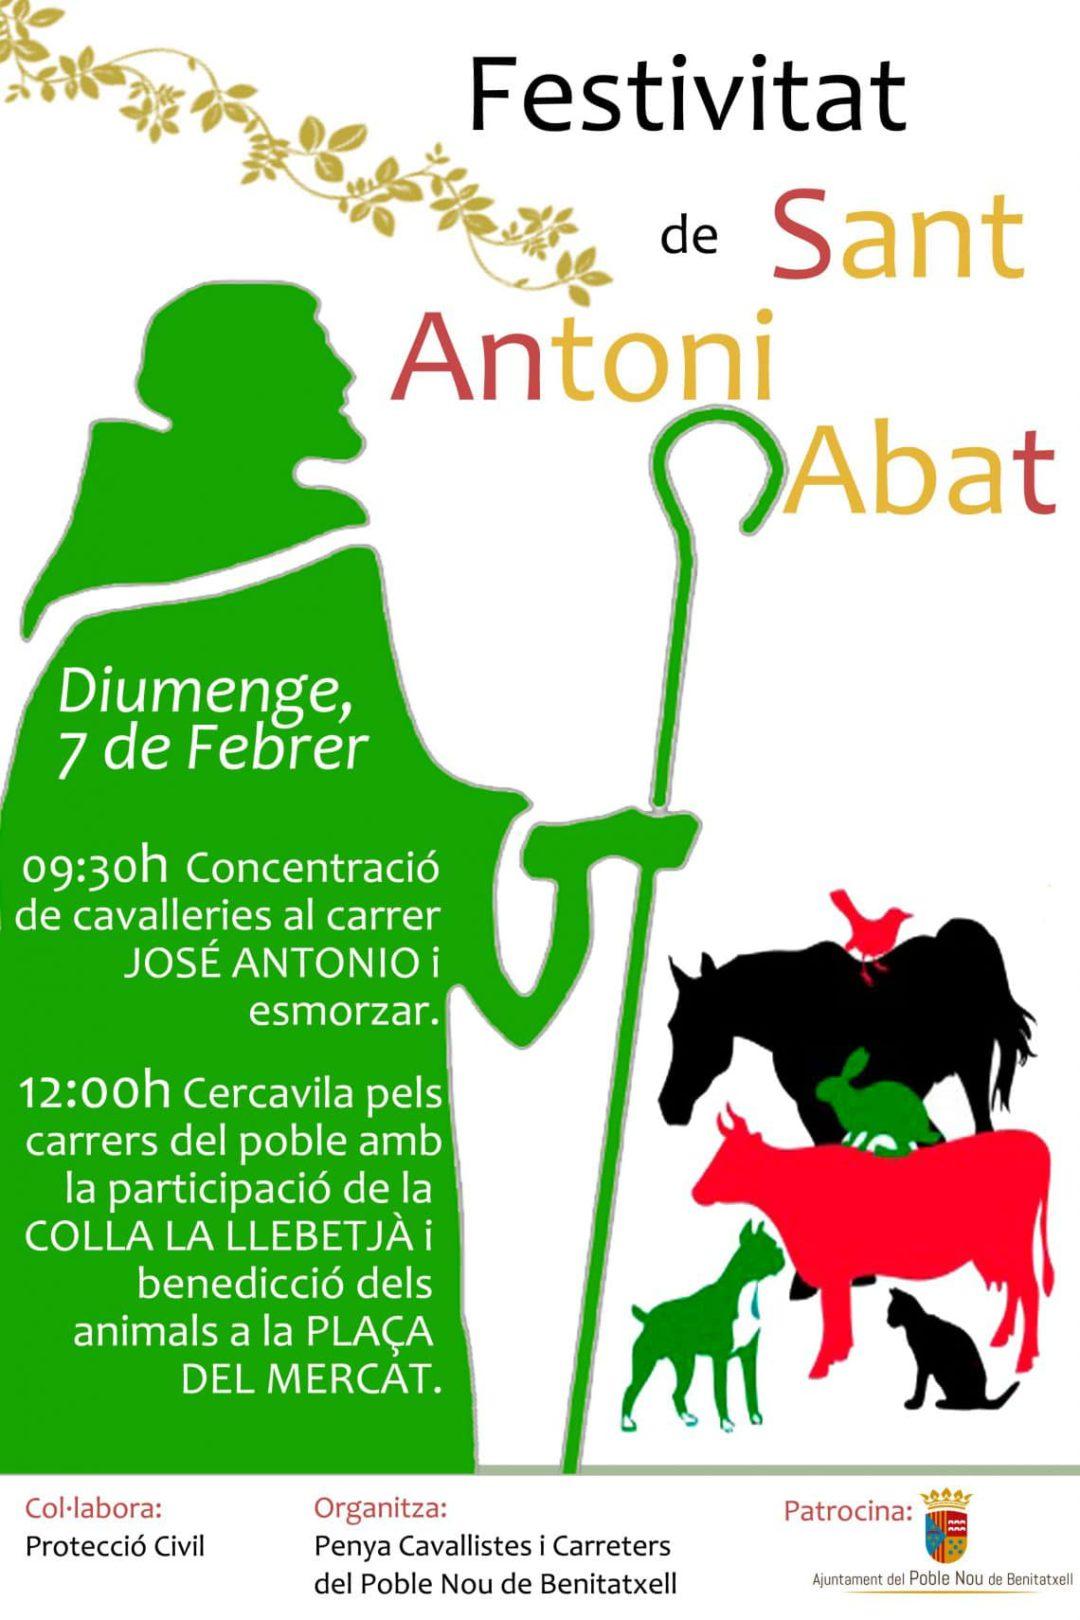 Fiestas de San Antonio Abad en Benitatxell